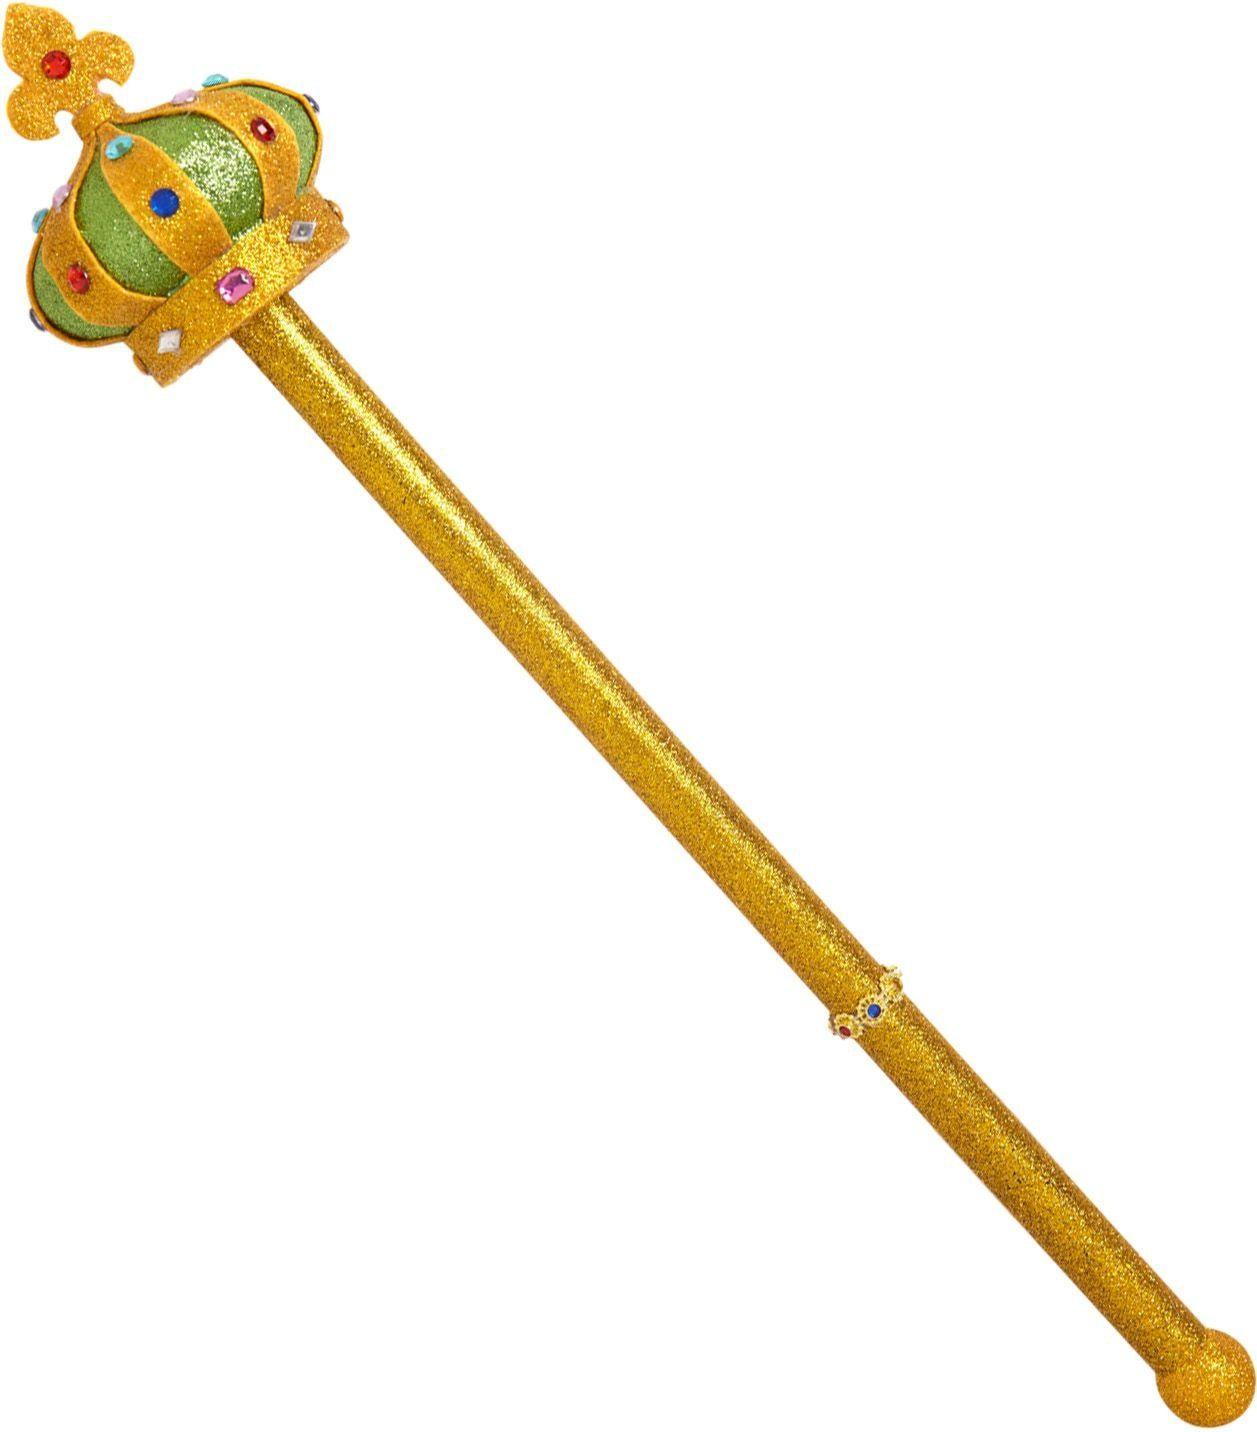 Koninklijke scepter